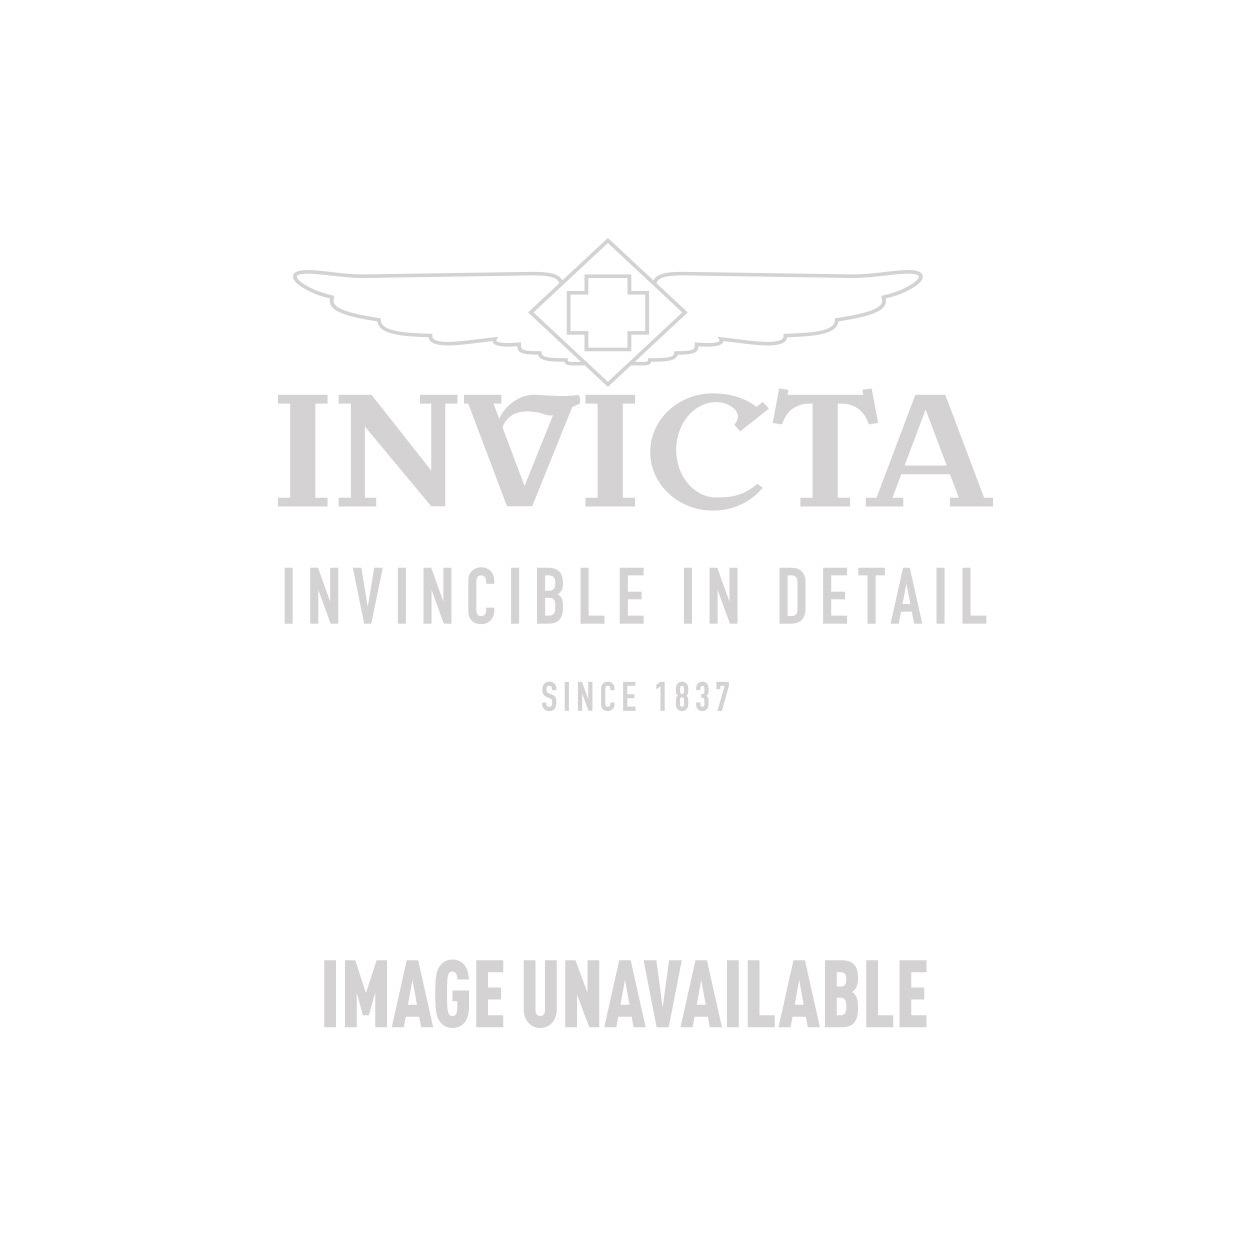 Invicta Model 27128